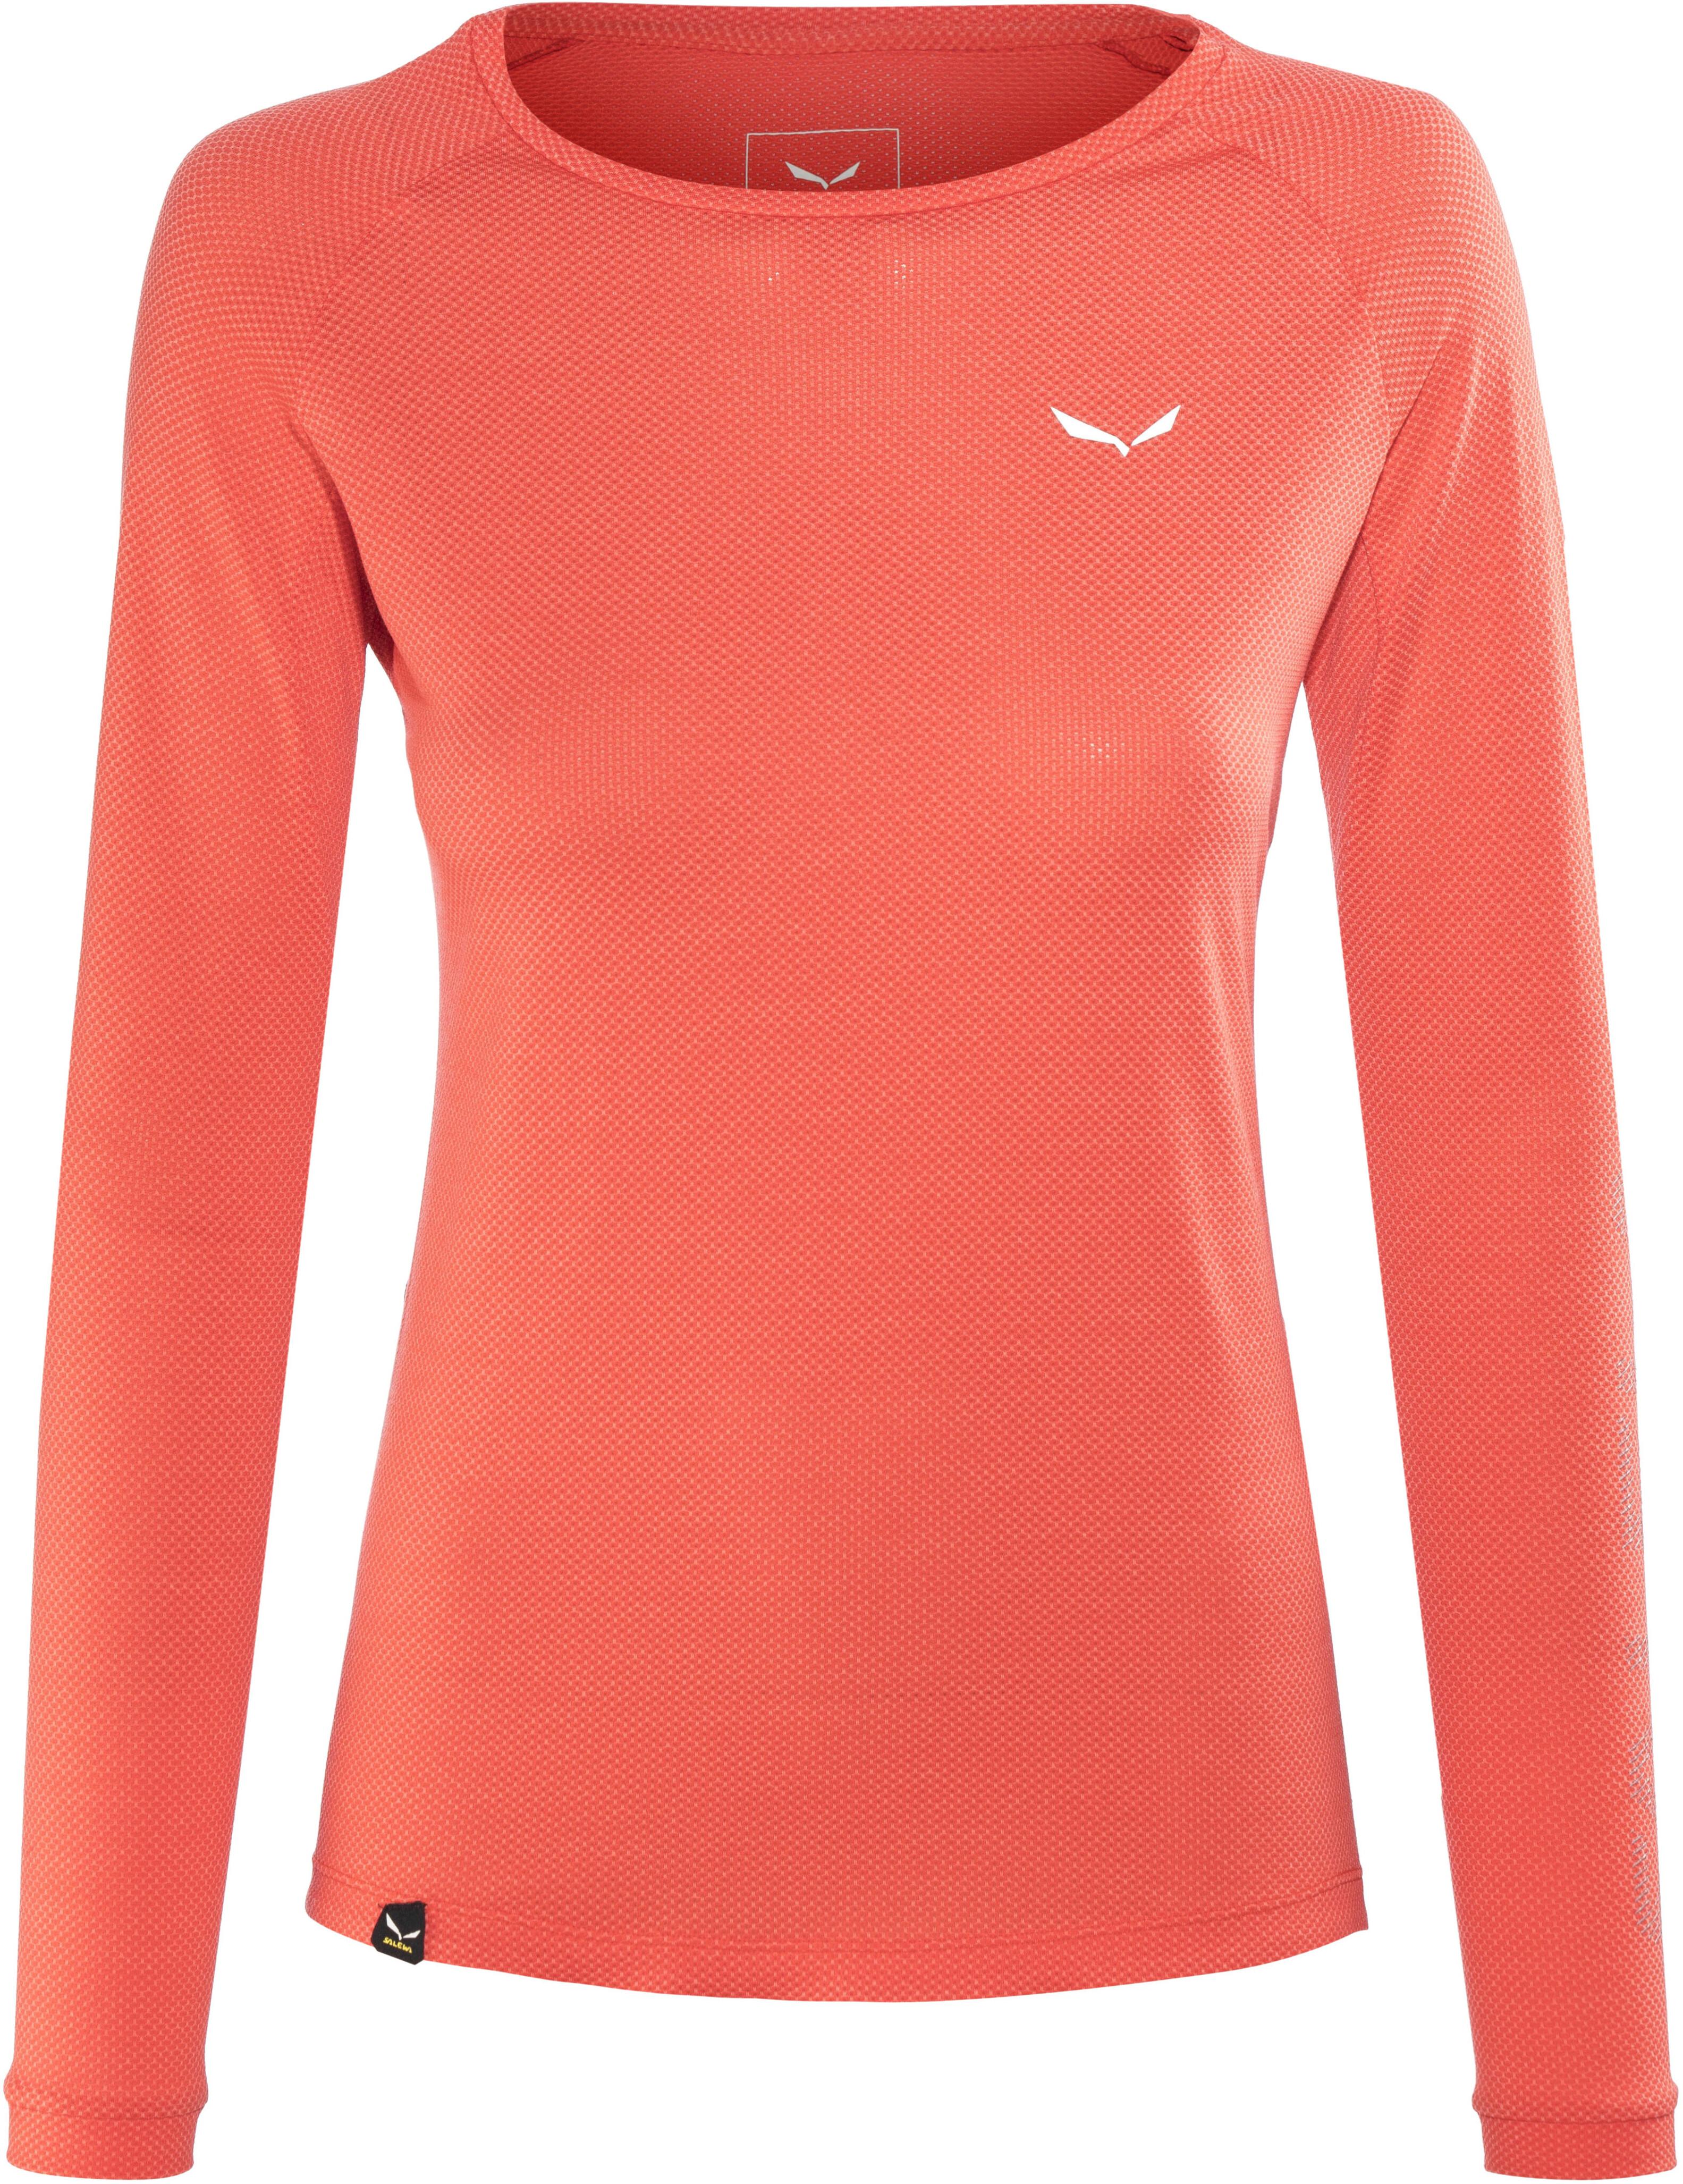 29f4cf19551 Salewa Pedroc Delta Dry - T-shirt manches longues Femme - rouge sur ...